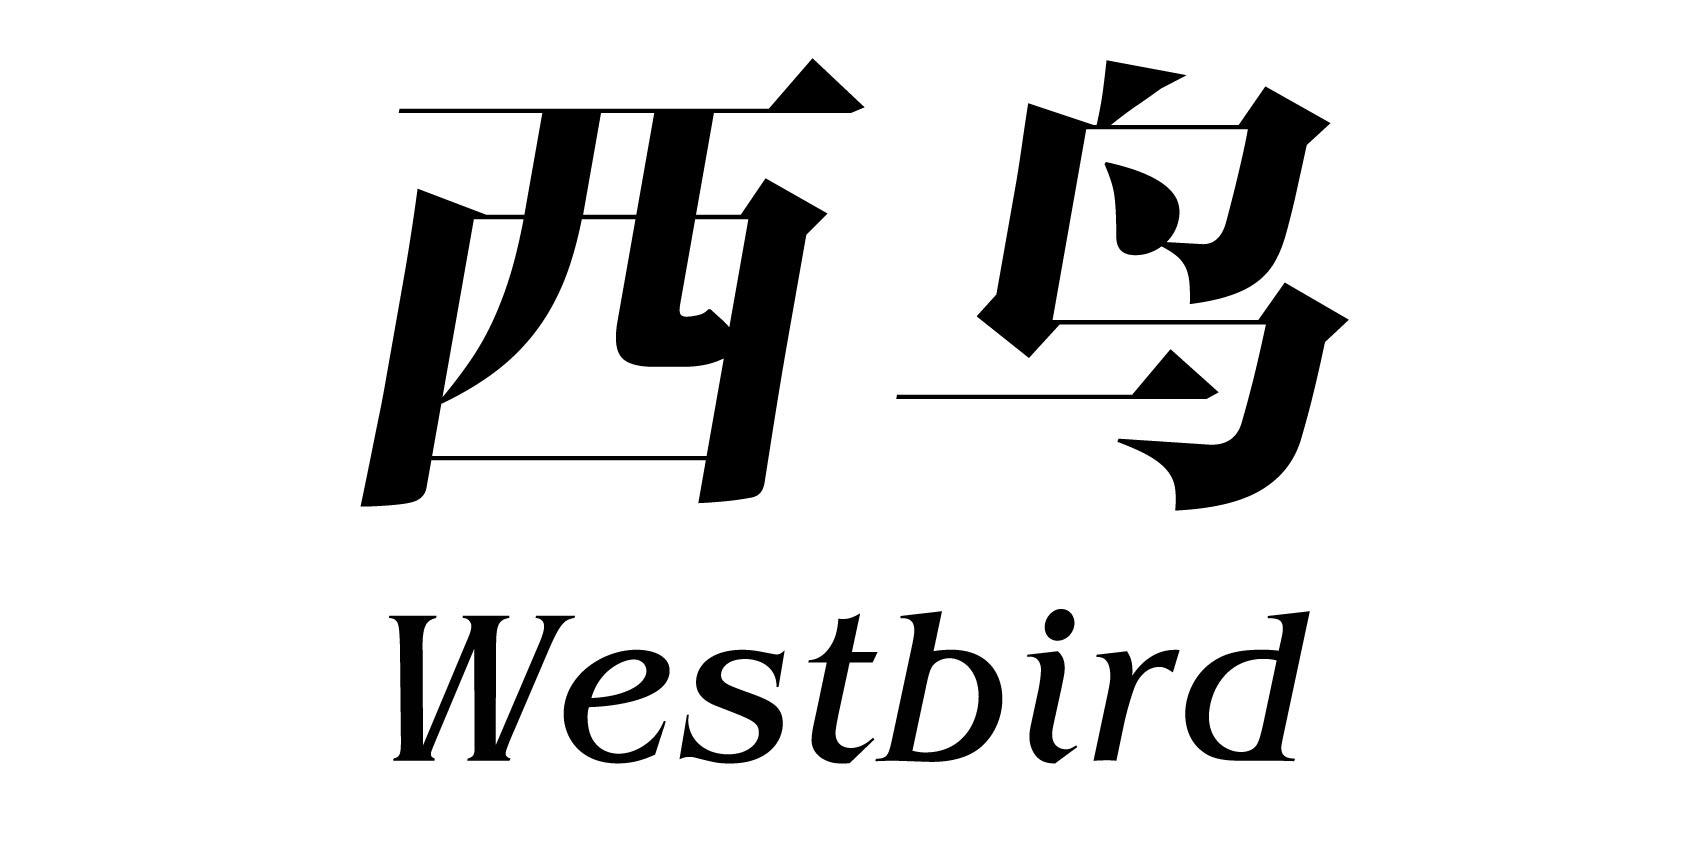 西鸟(Westbird)